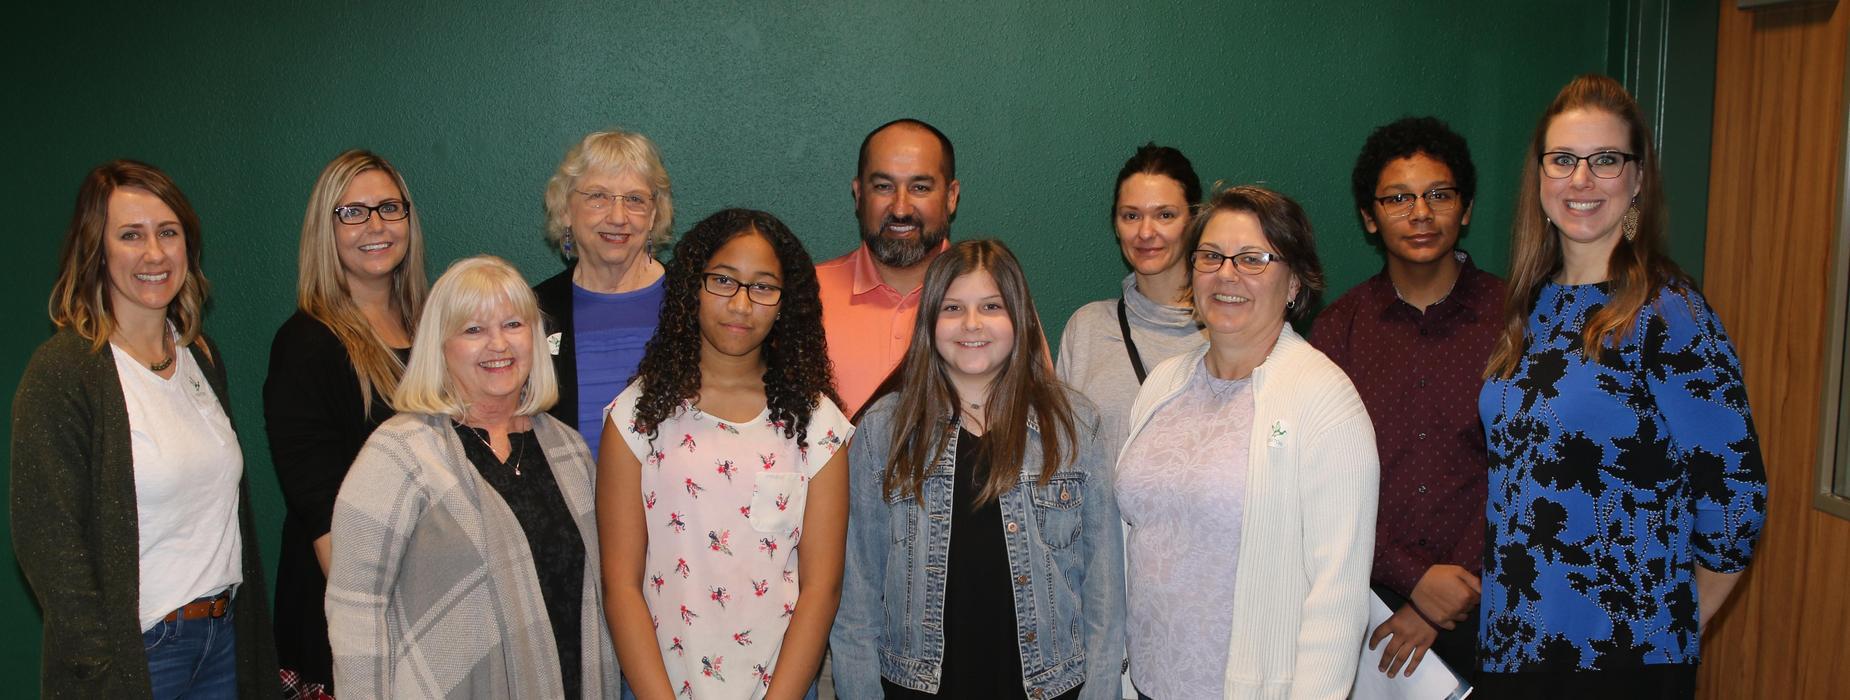 Taylor ISD Ambassadors at TMS.